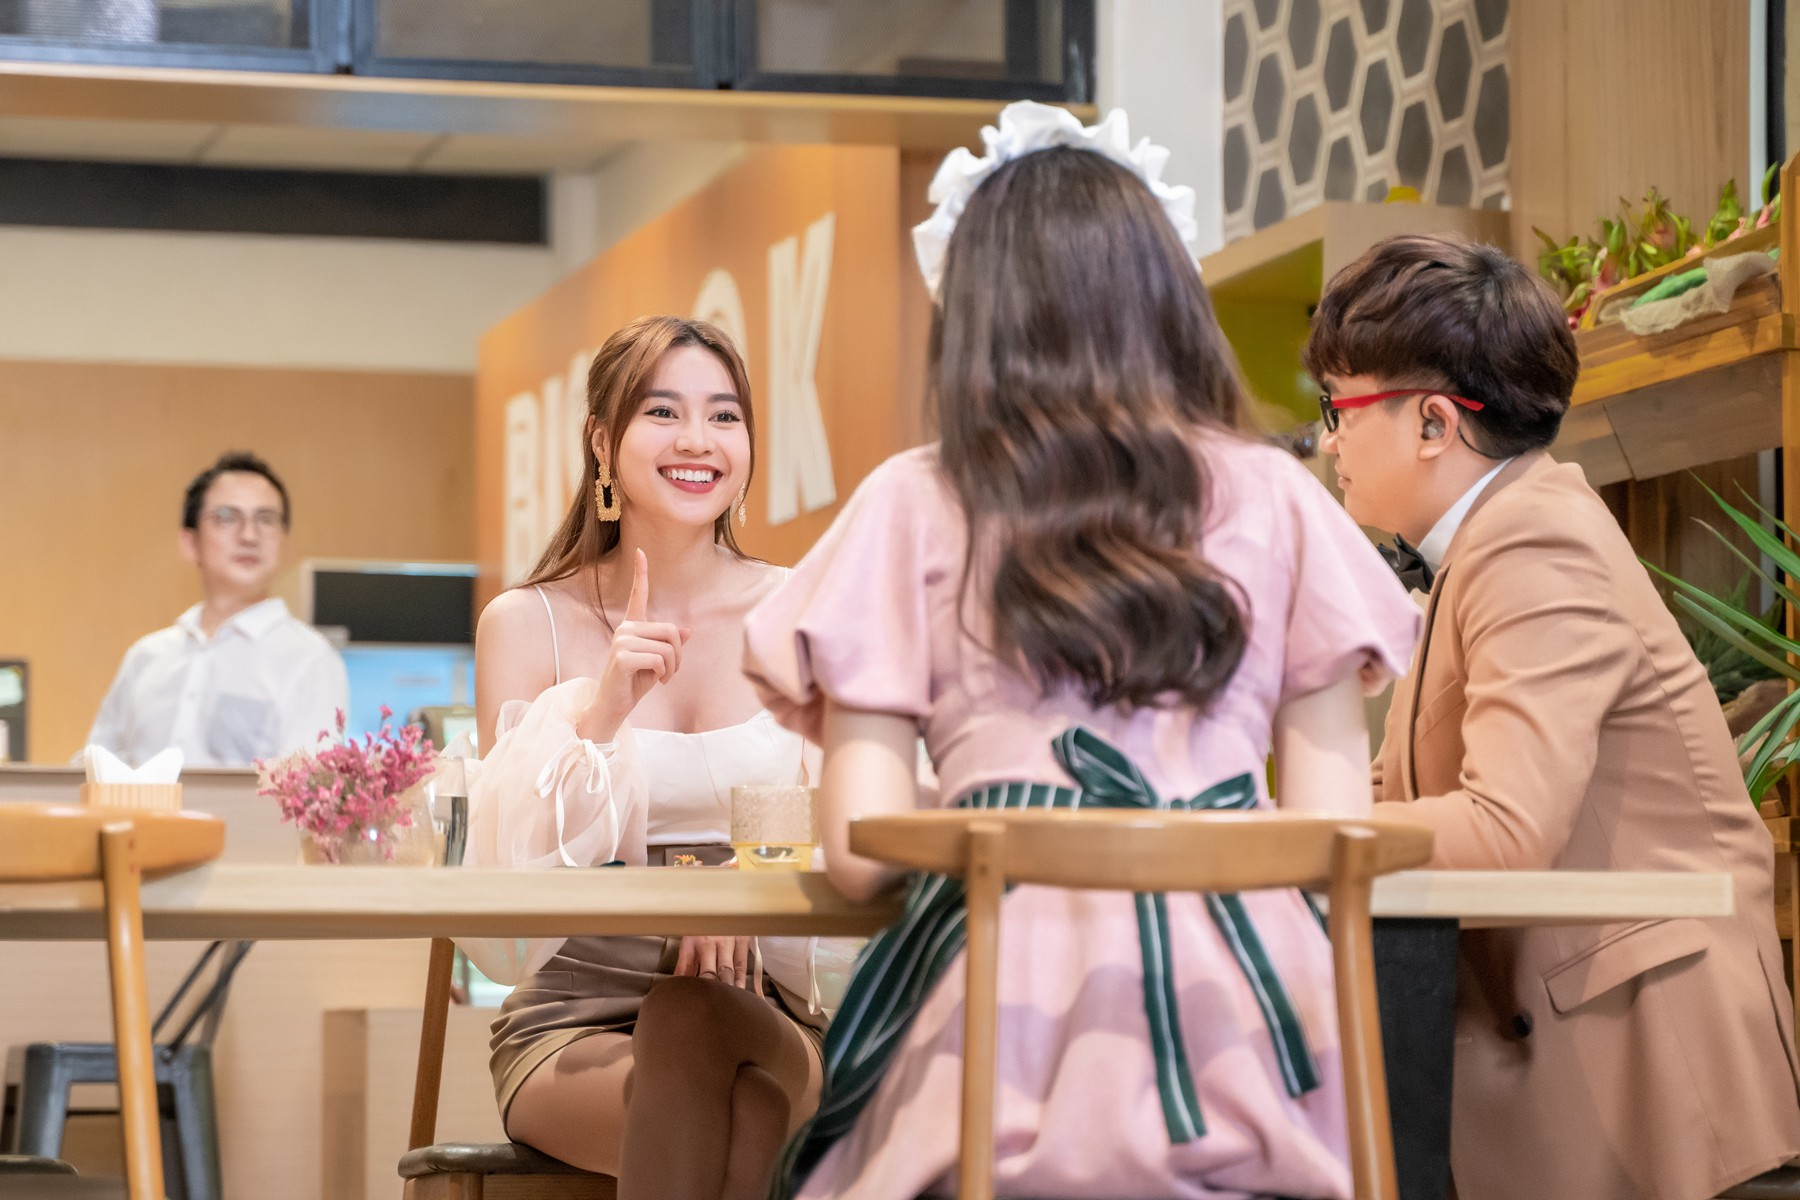 Làm nữ phục vụ xinh xắn, Hari Won bị than phiền vì thường xuyên xin ăn của đồng nghiệp  - Ảnh 13.